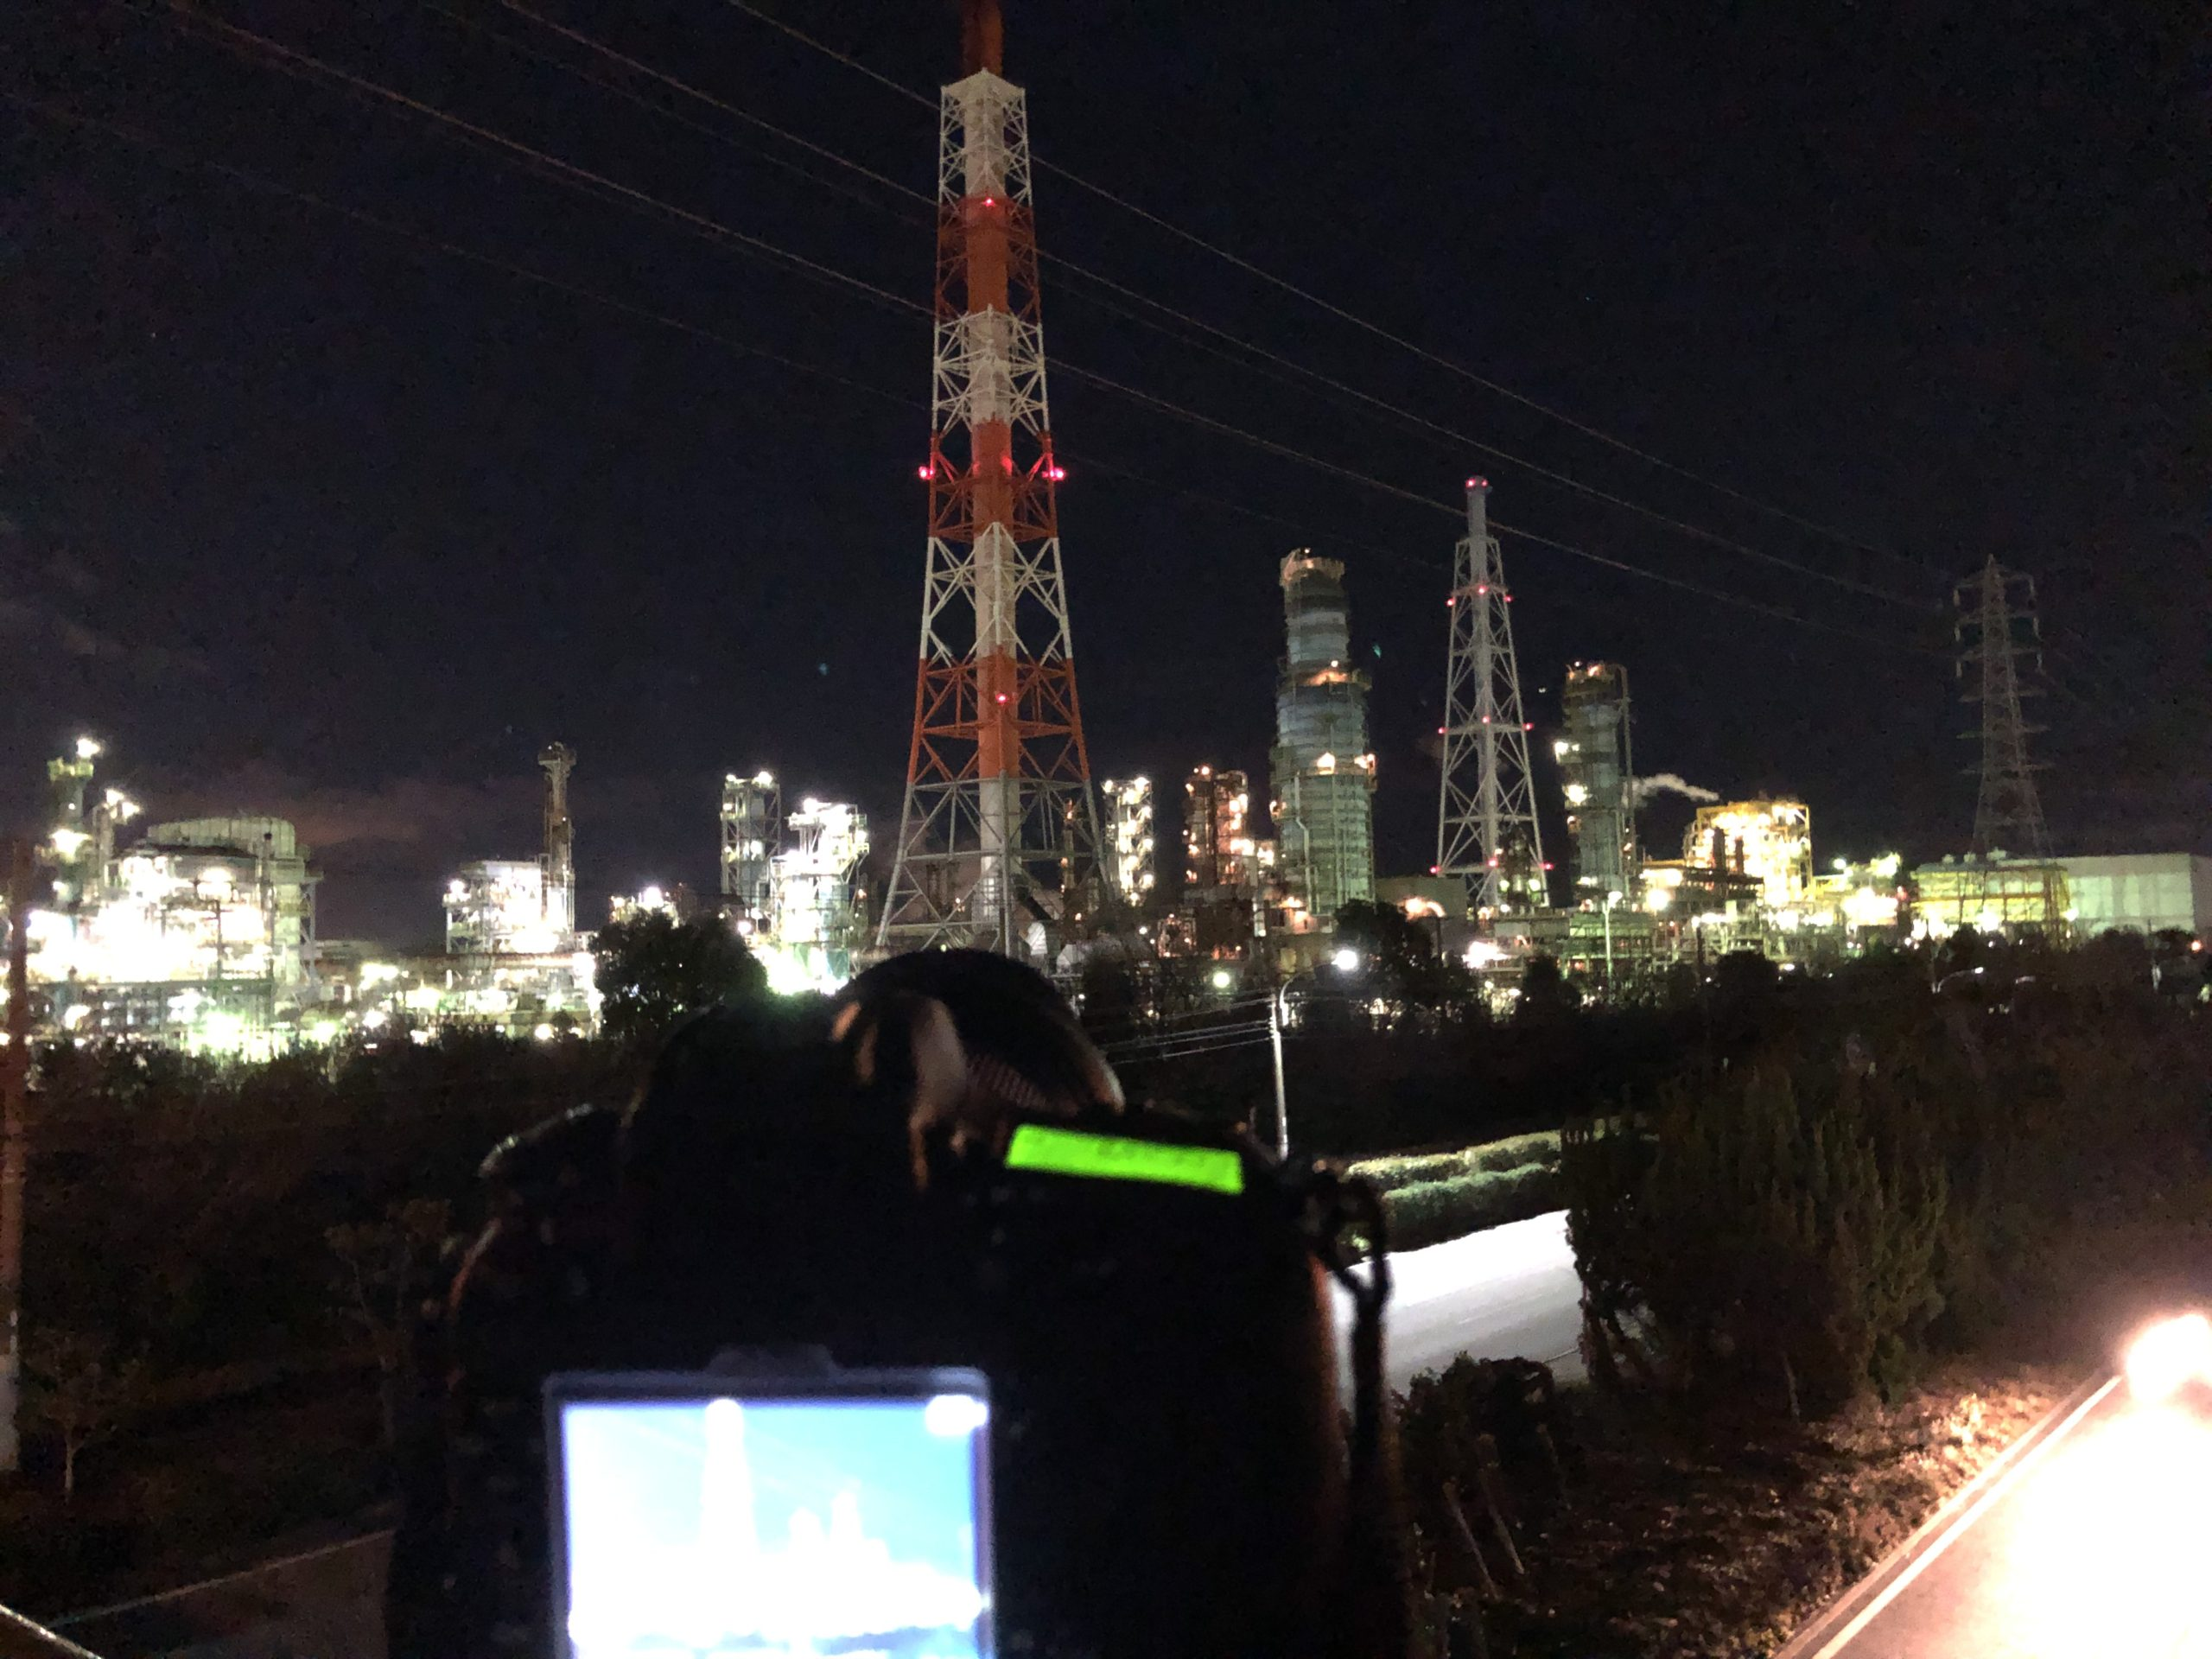 カメラを学ぶ📸臨海工業地帯で工場夜景にチャレンジ🏭